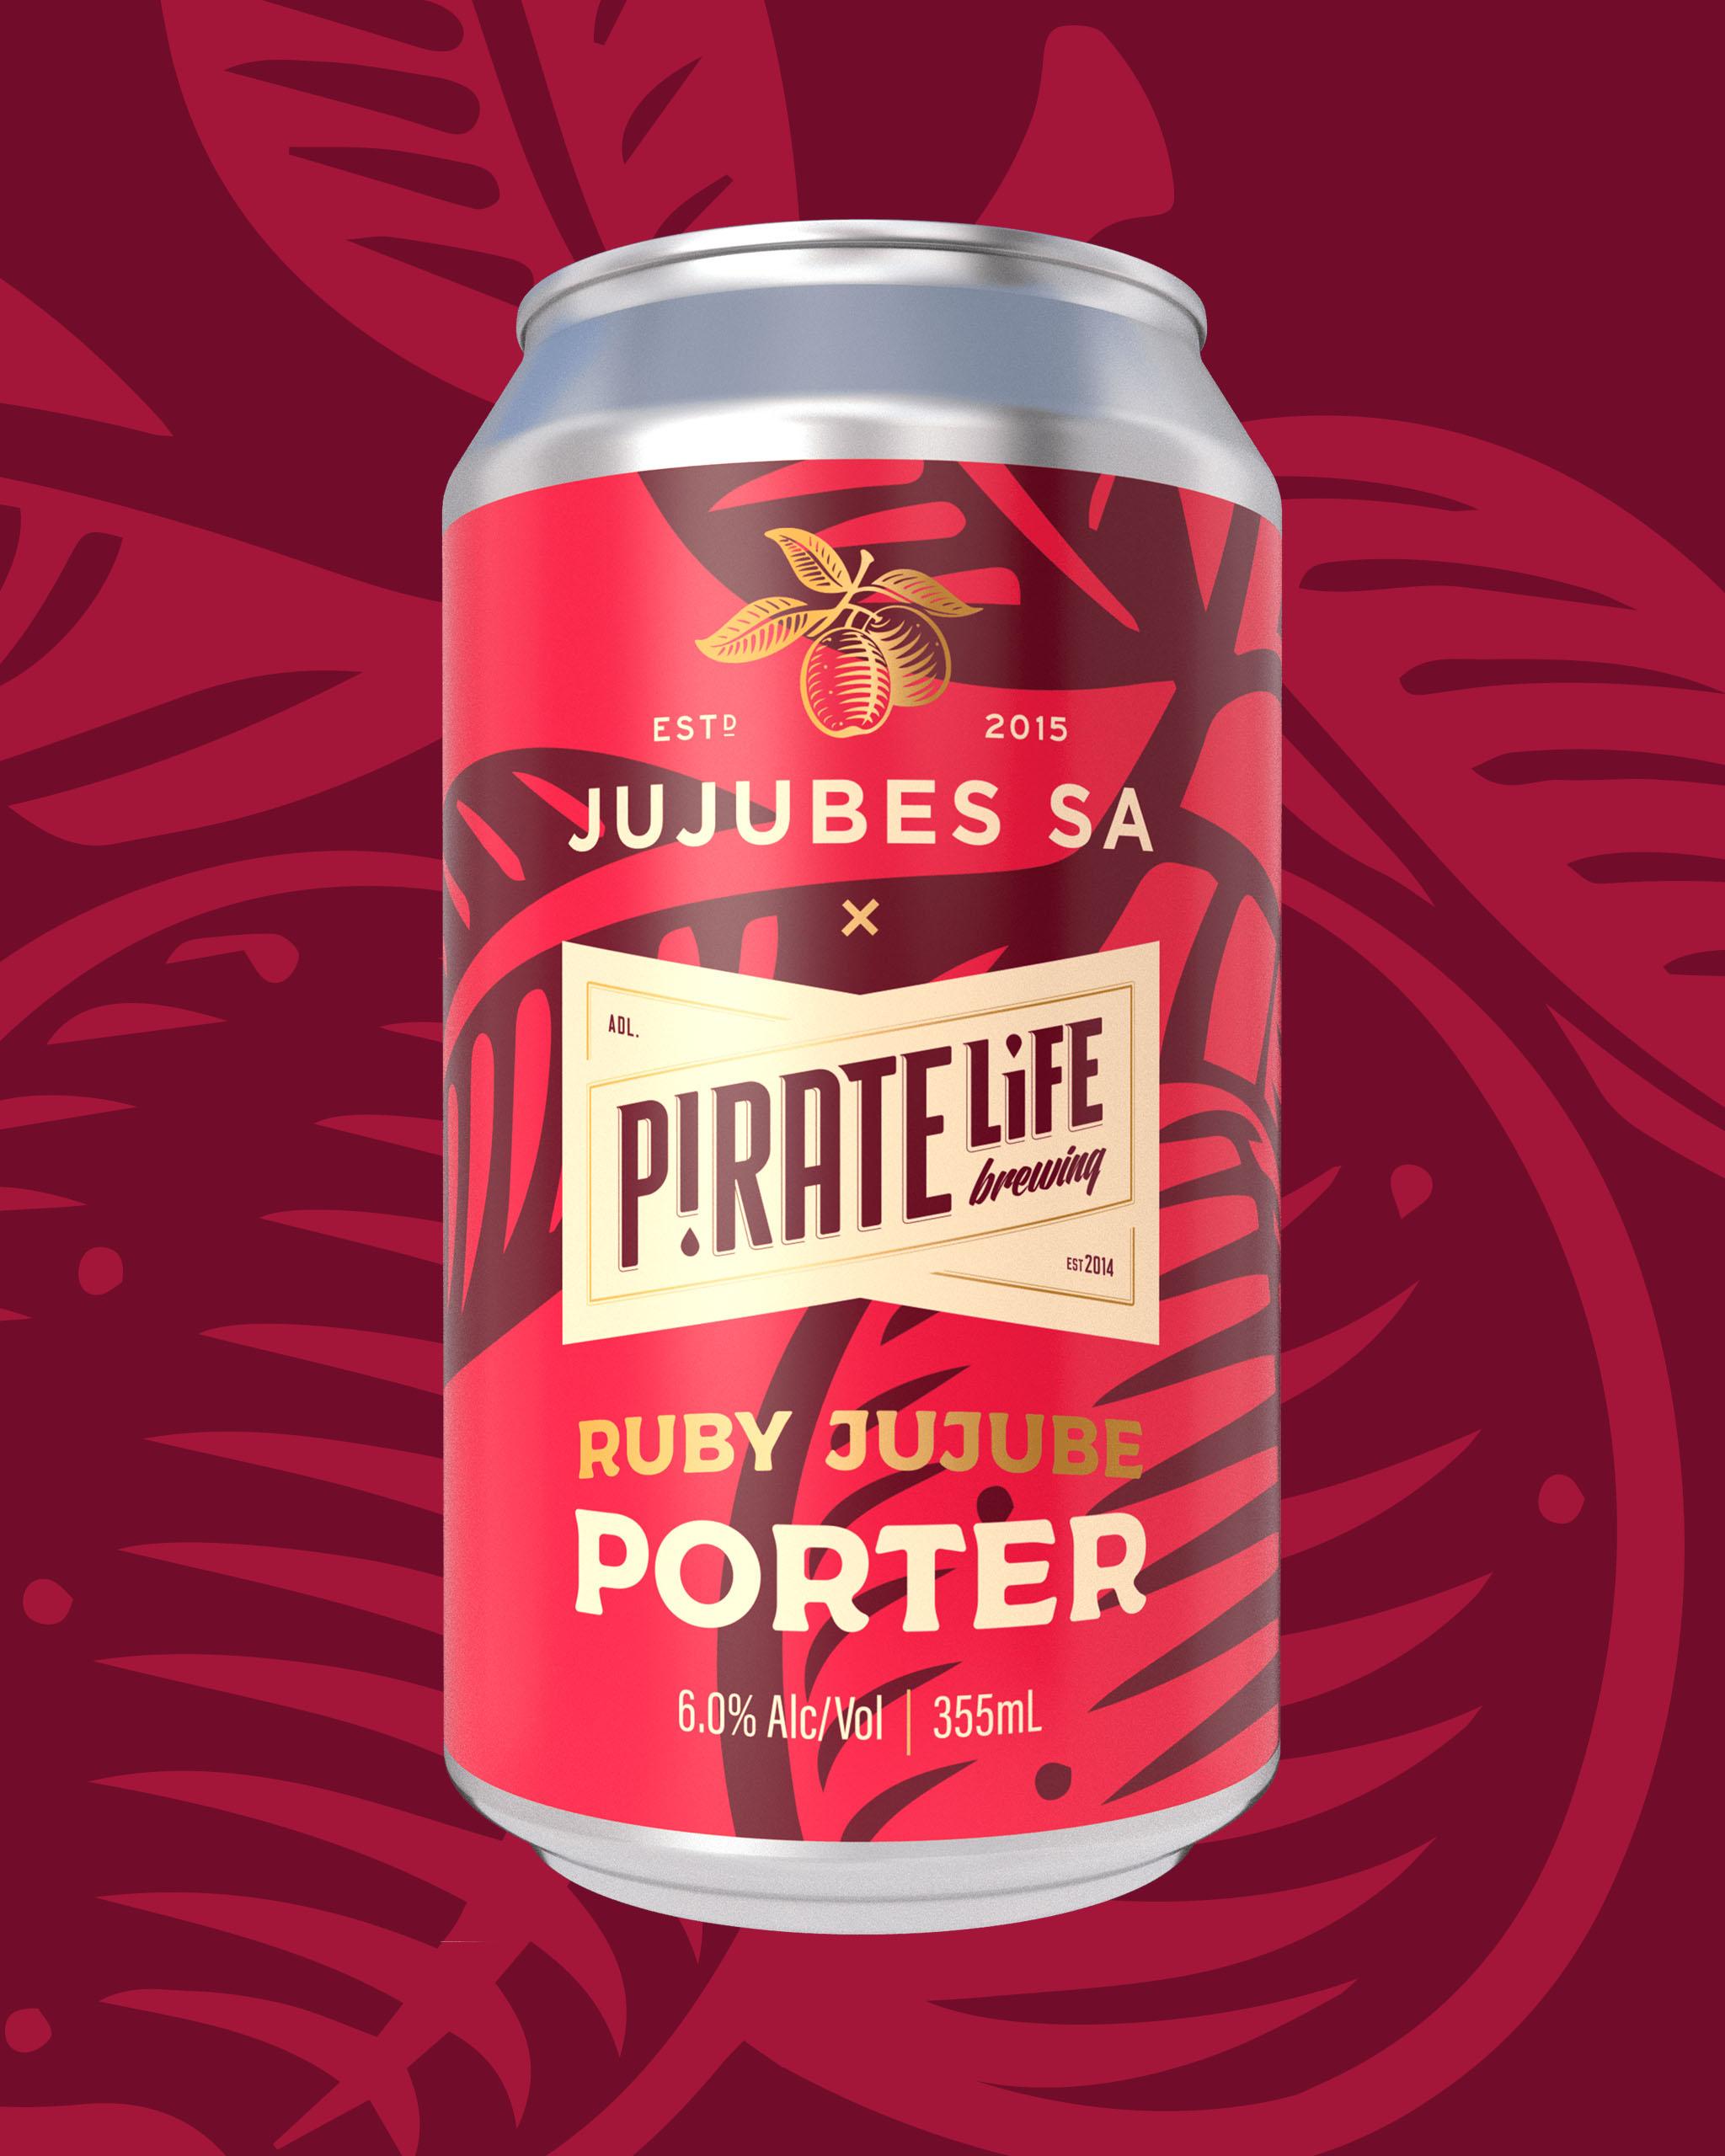 RUBY JUBUBE PORTER